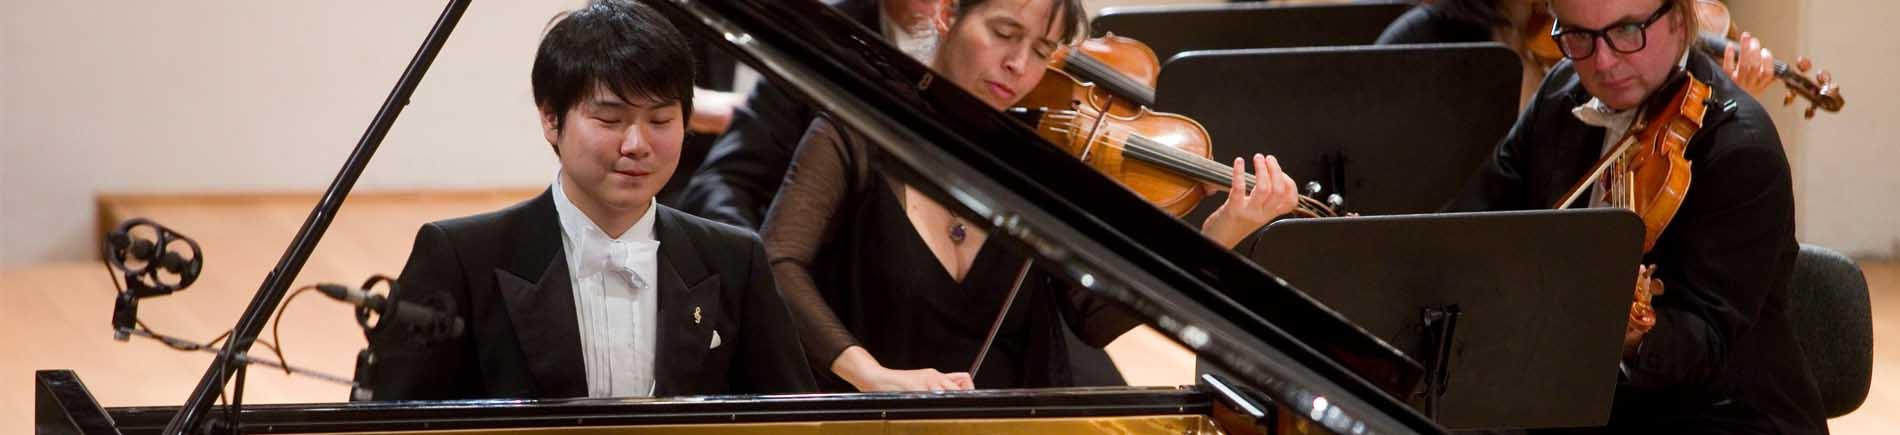 La música y la poesía, dos pasiones de Jesús Serra.